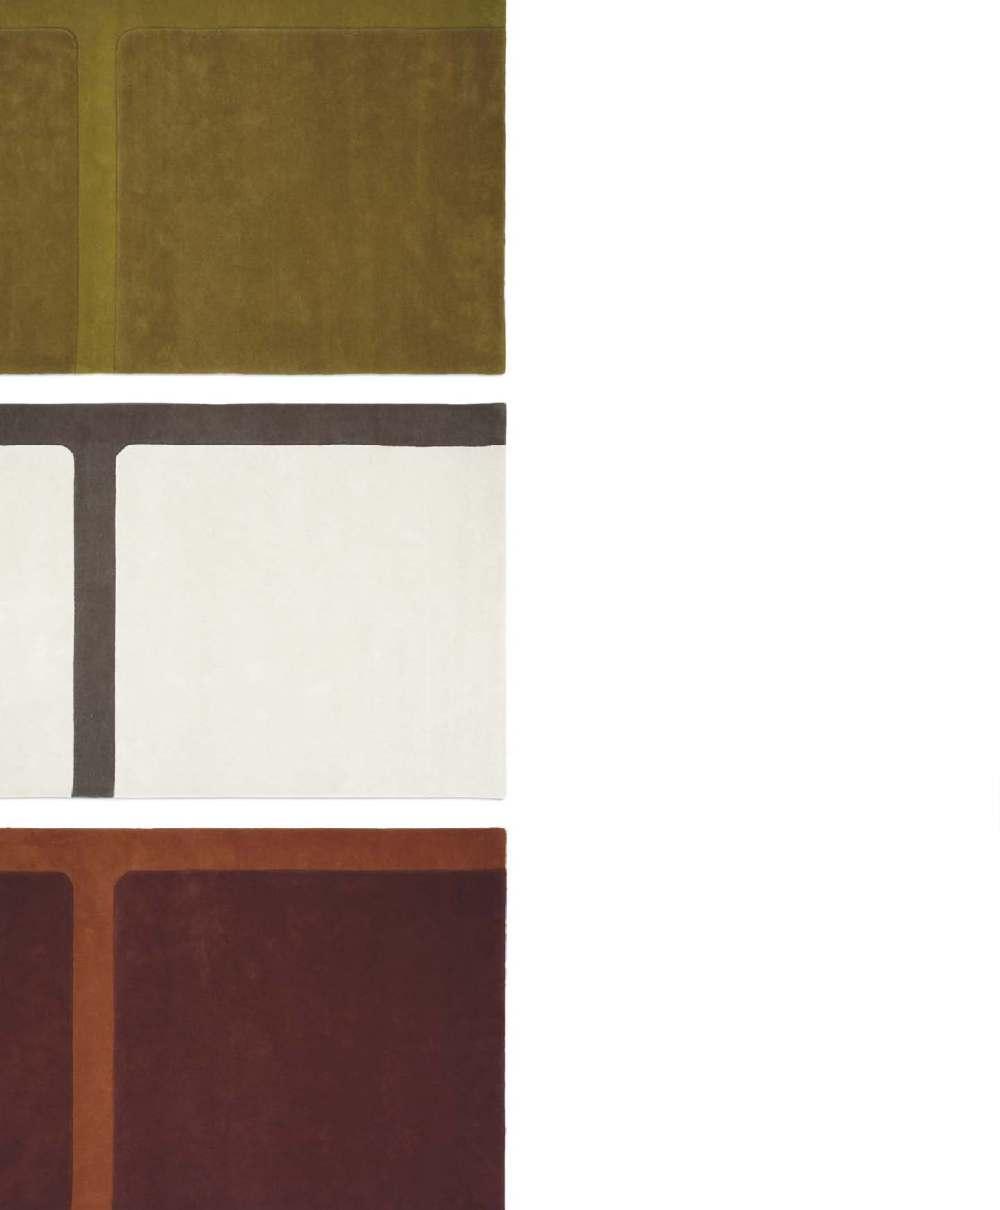 SIDI_Milano09-Rug(邱德光常用品牌地毯)10.21更新_034.jpg